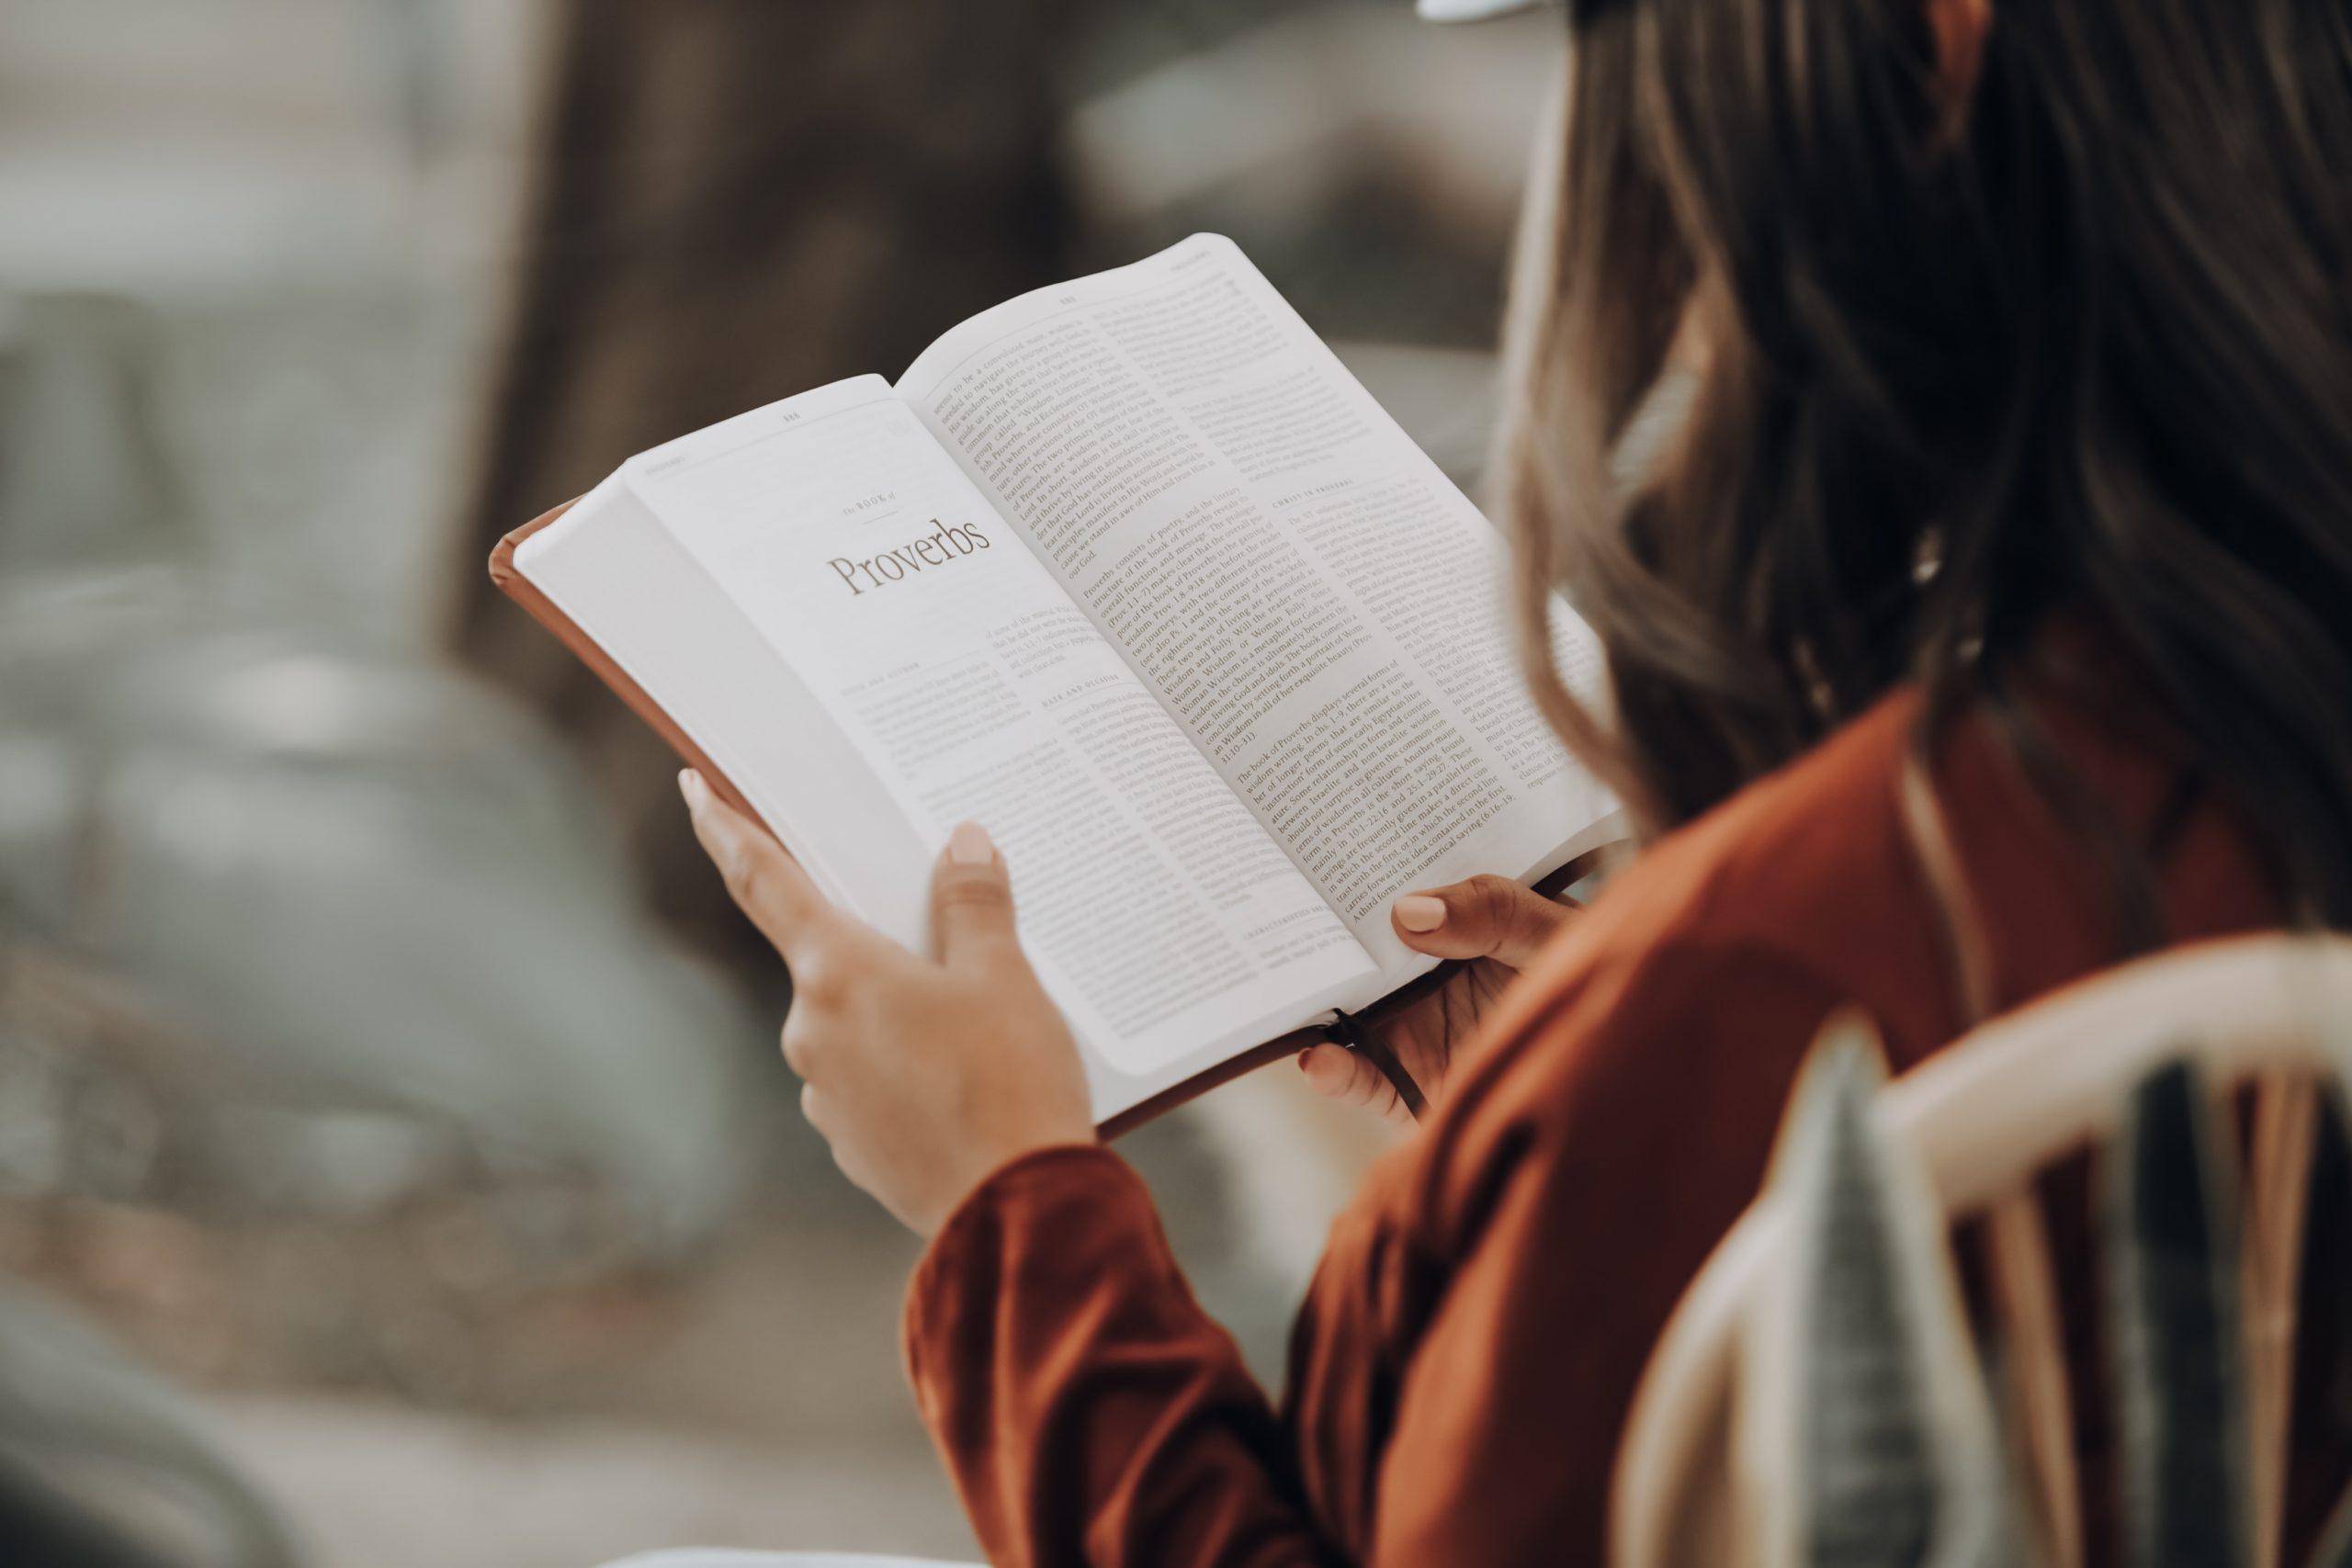 Ler não é uma atividade solitária